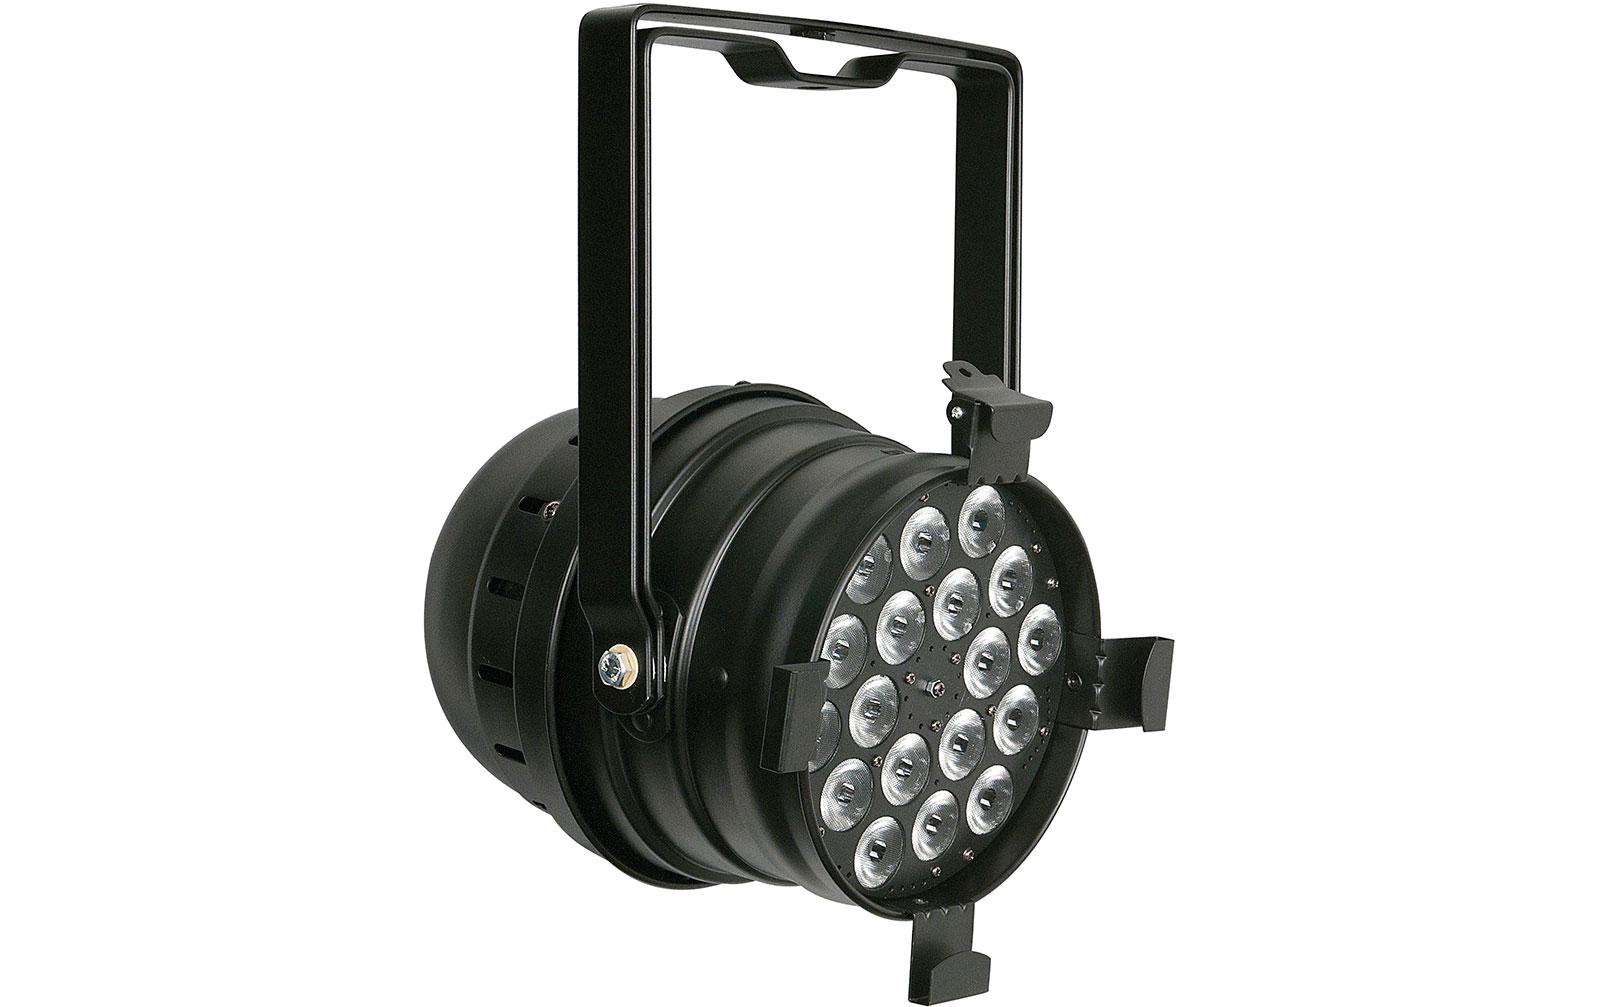 showtec-led-par-64-q4-18-black